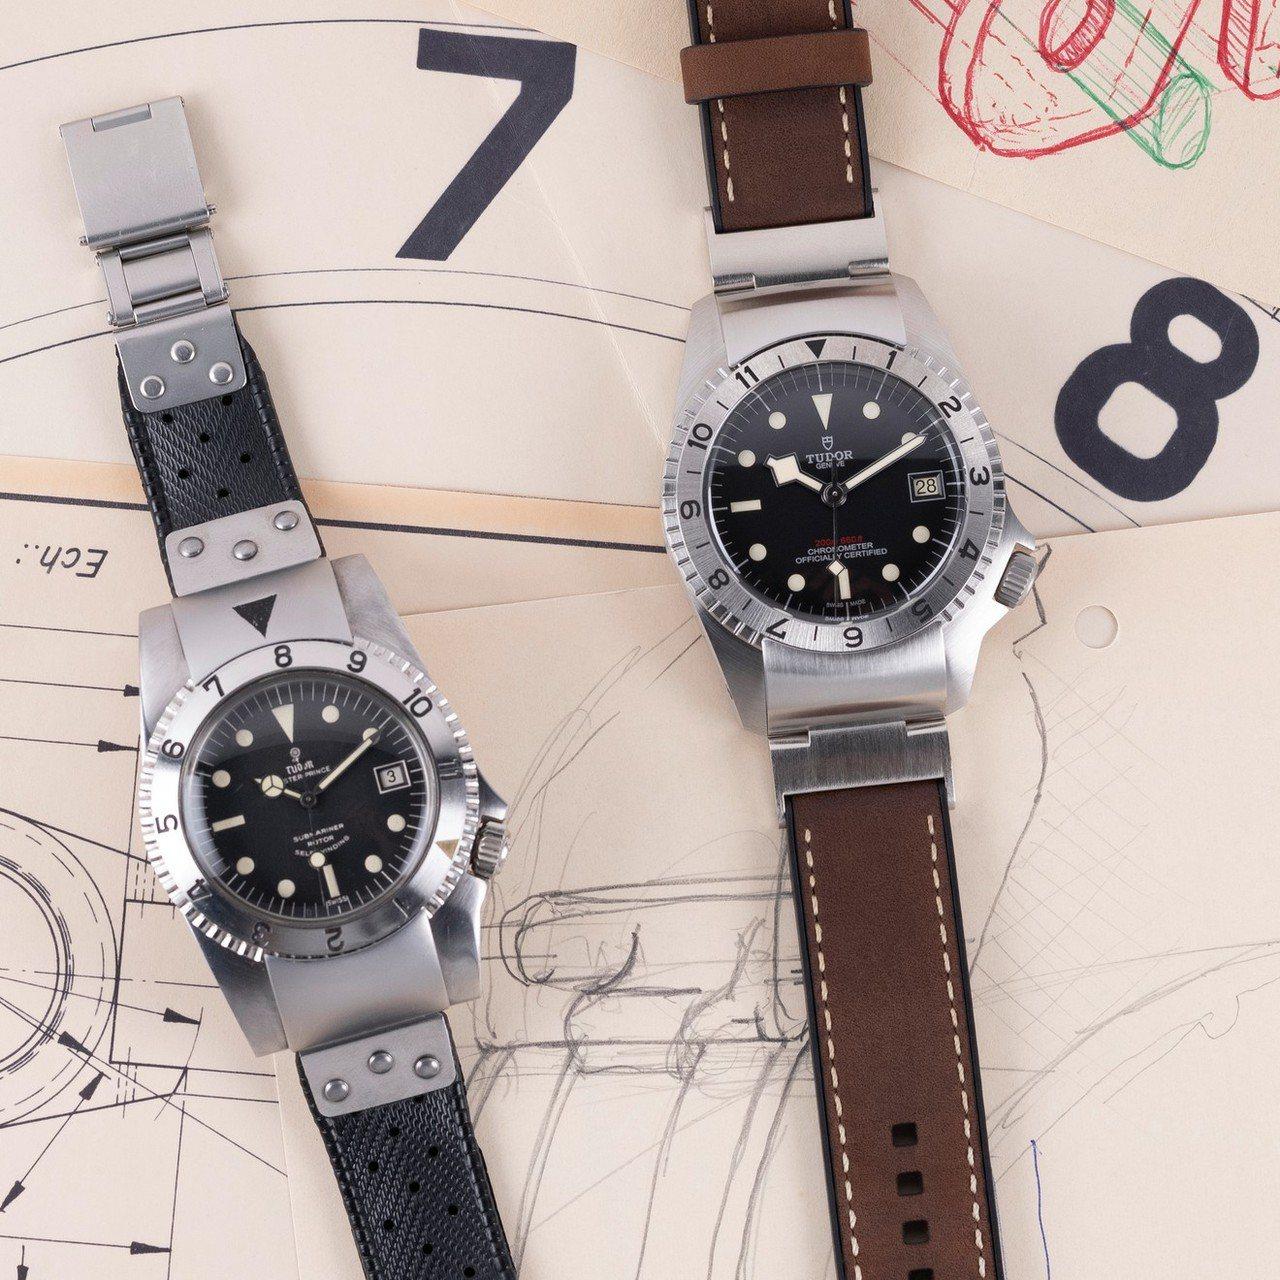 帝舵Black Bay P01(碧灣P01型)42毫米自動腕表,價格未定。圖/帝...